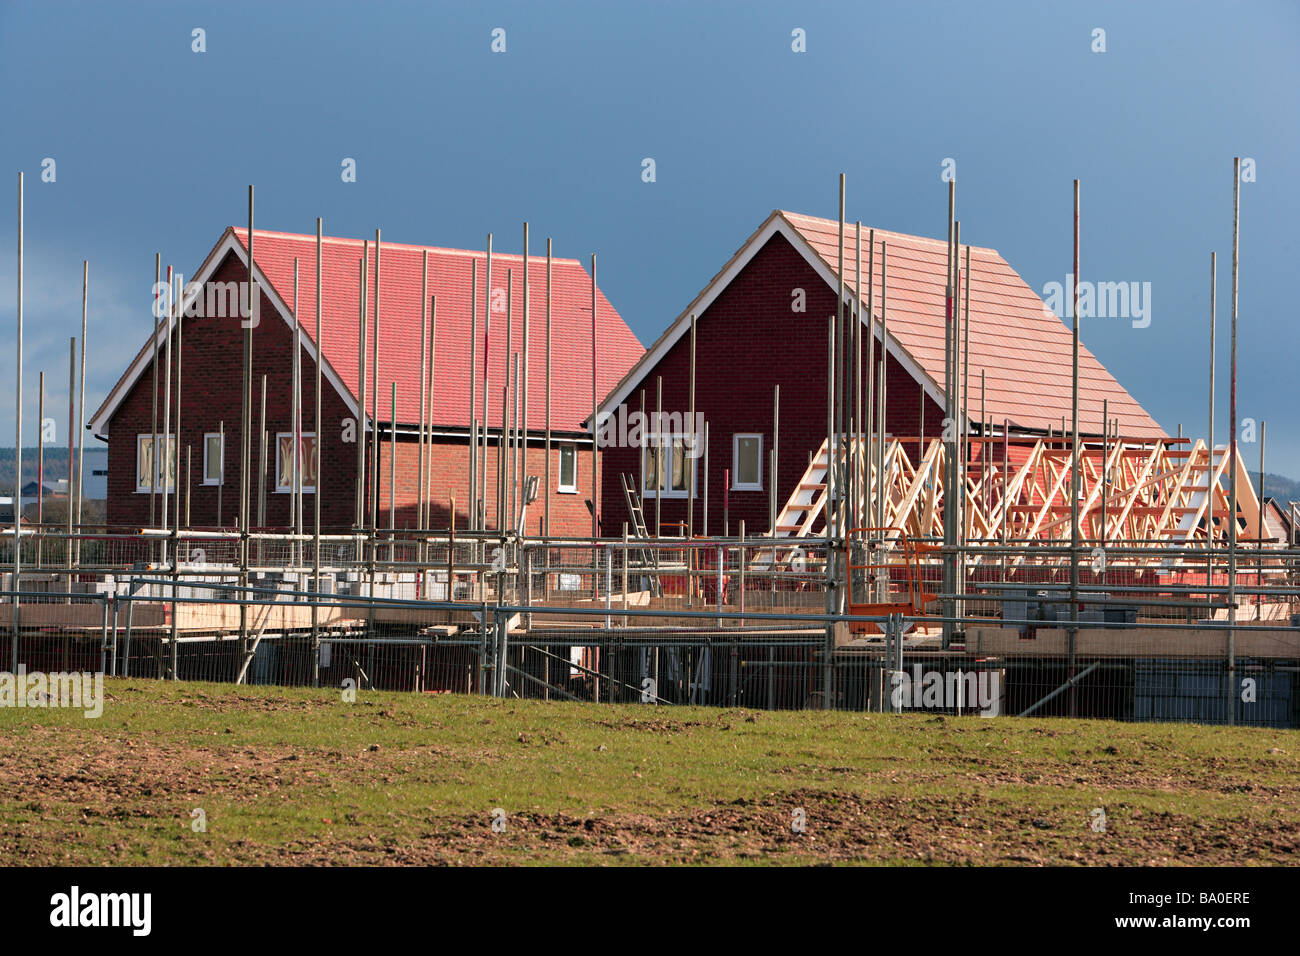 New housing construction UK - Stock Image